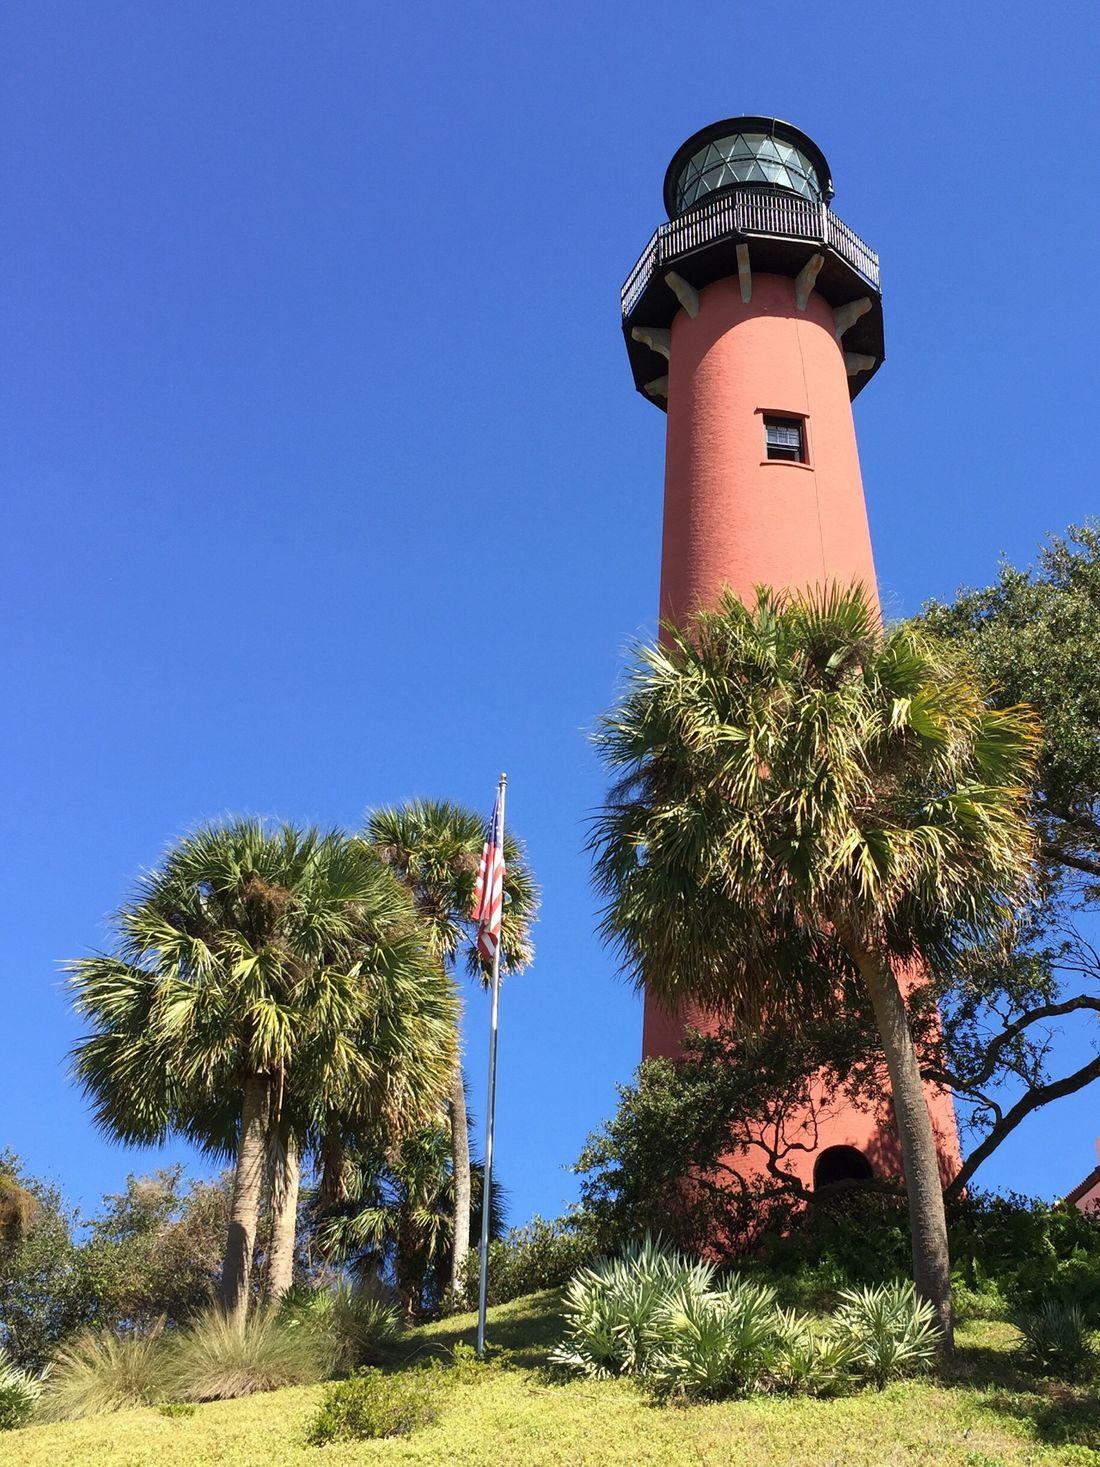 Jupiter Lighthouse Jupiter Jupiter Florida Jupiter Lighthouse Lighthouse Lighthouse, Beacon, Light, Guide, Tower, Warn, Lighthouse_lovers